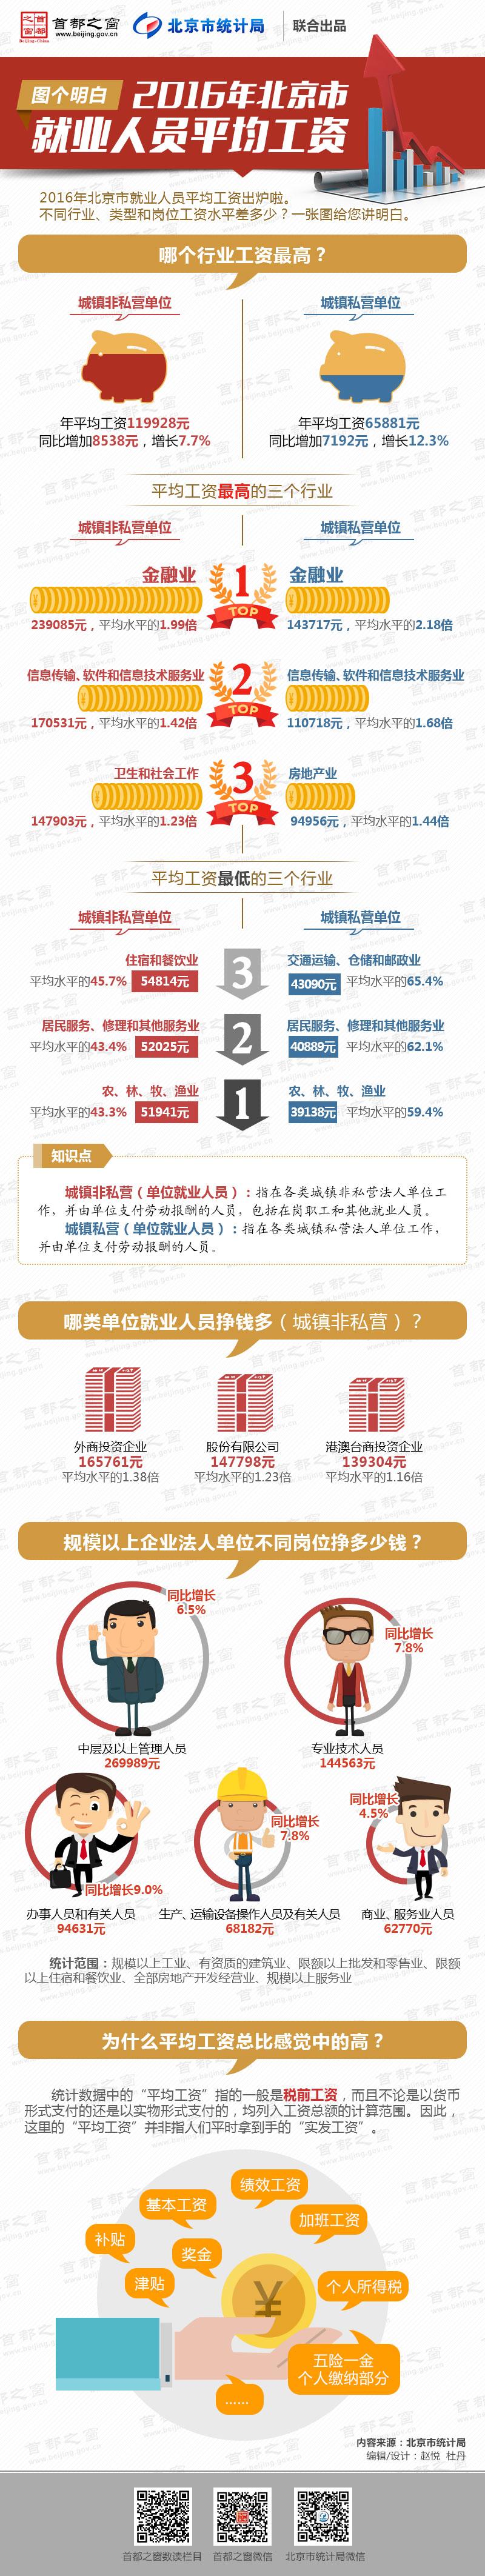 图个明白:2016年北京市就业人员平均工资